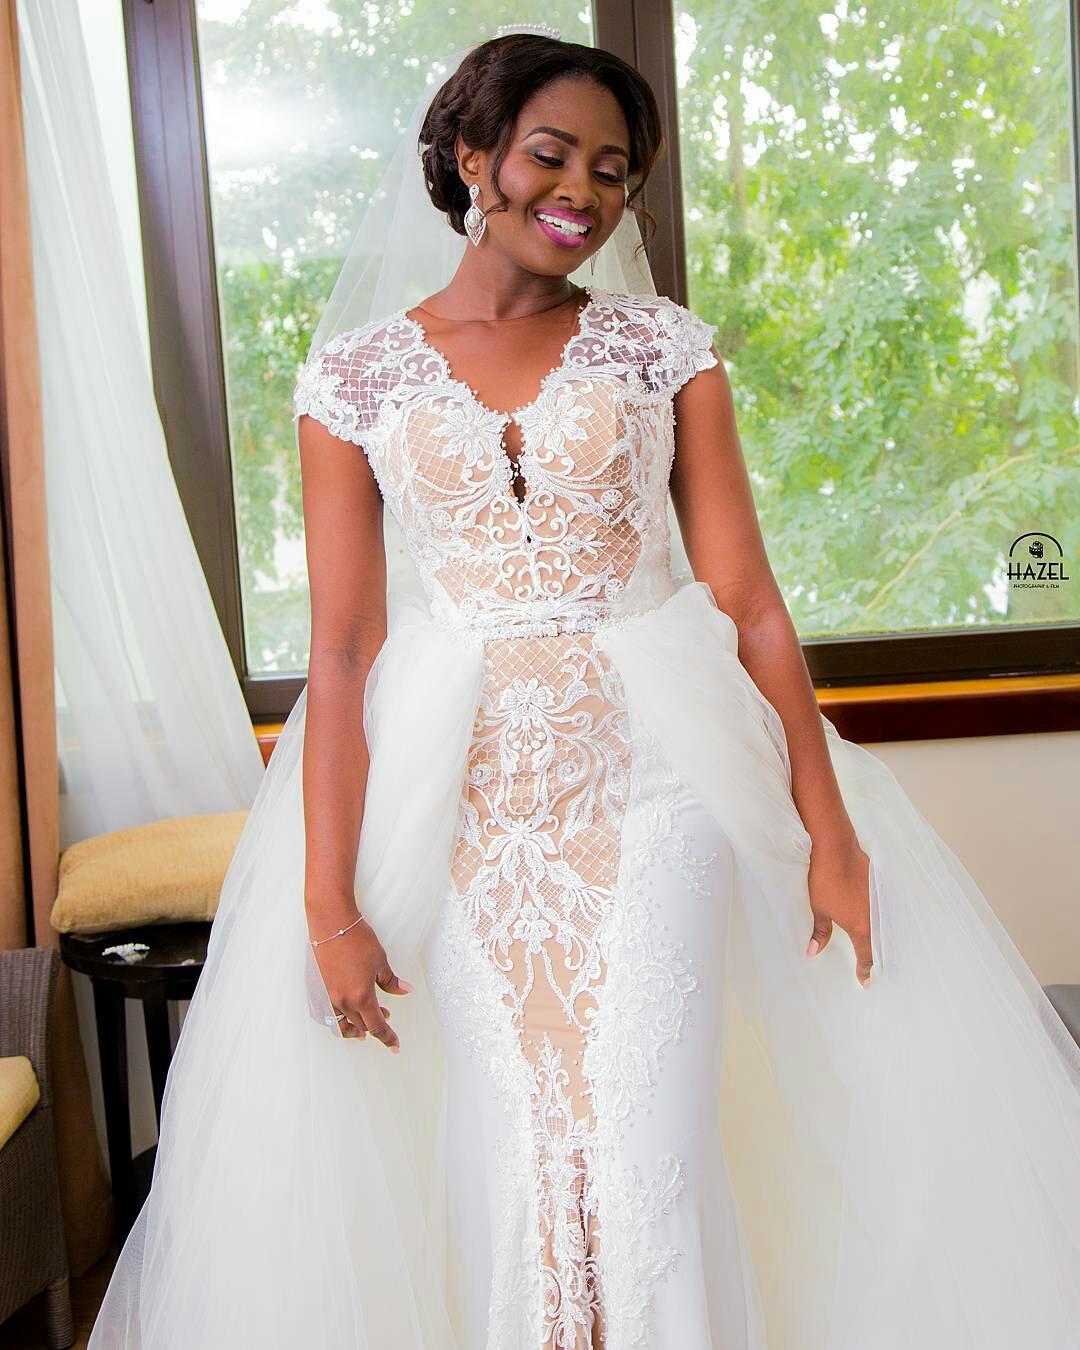 Designer Wedding Gown Rental: Style 1 - Pistis Wedding Dress